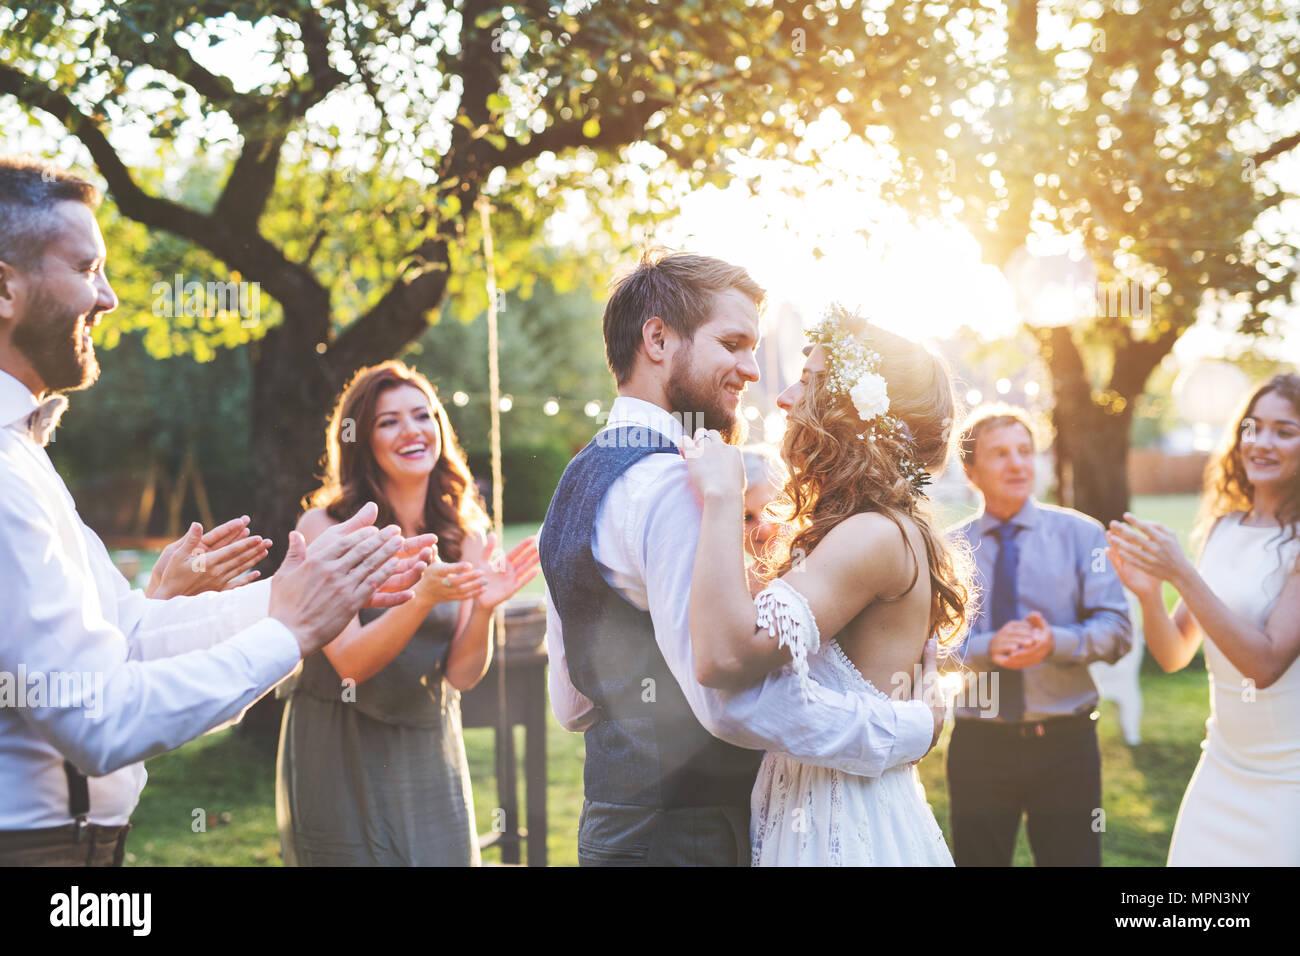 Bride and Groom dancing réception de mariage à l'extérieur dans la cour. Photo Stock